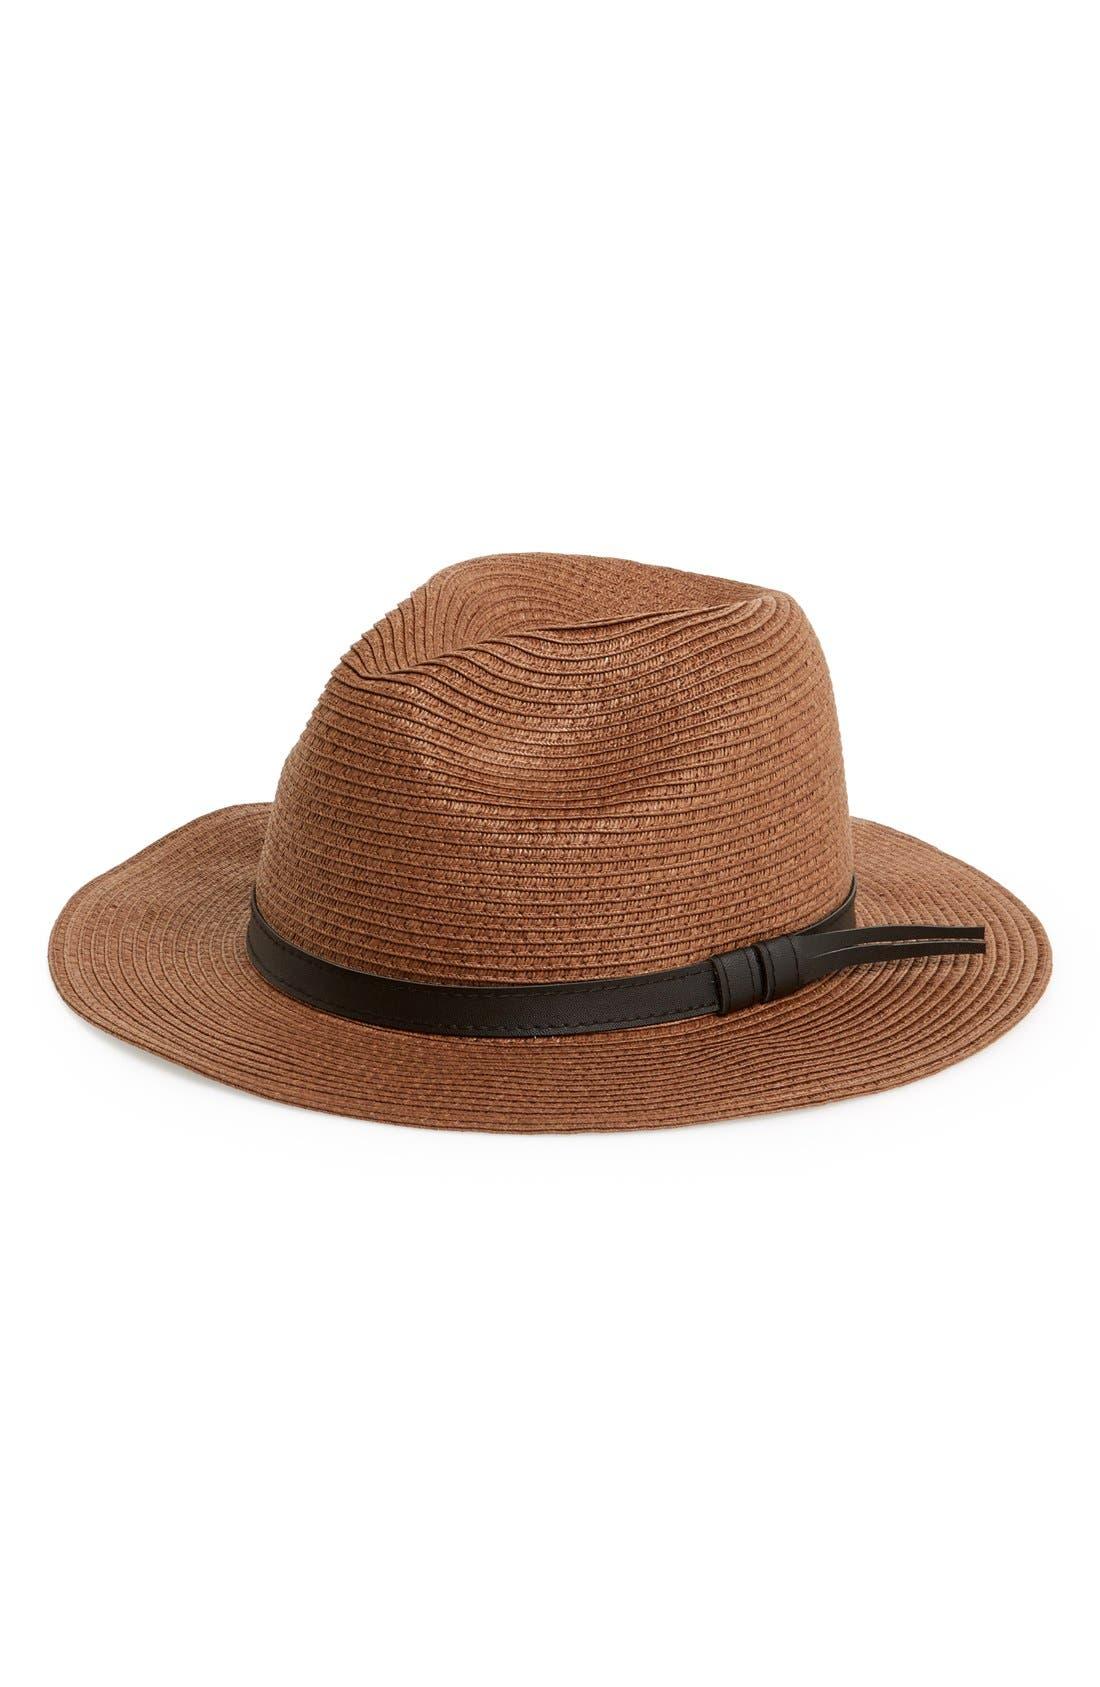 BP.,                             Straw Panama Hat,                             Main thumbnail 1, color,                             200